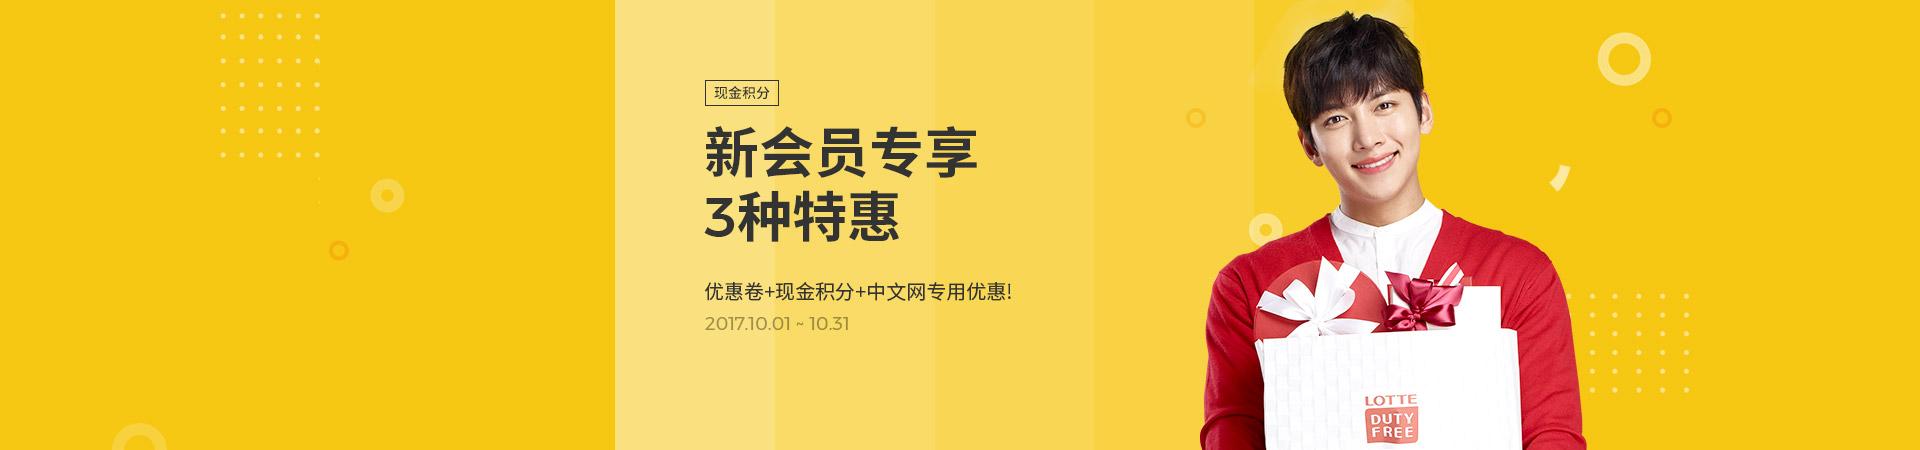 新会员专享3种特惠 优惠卷+现金积分+中文网专用优惠!